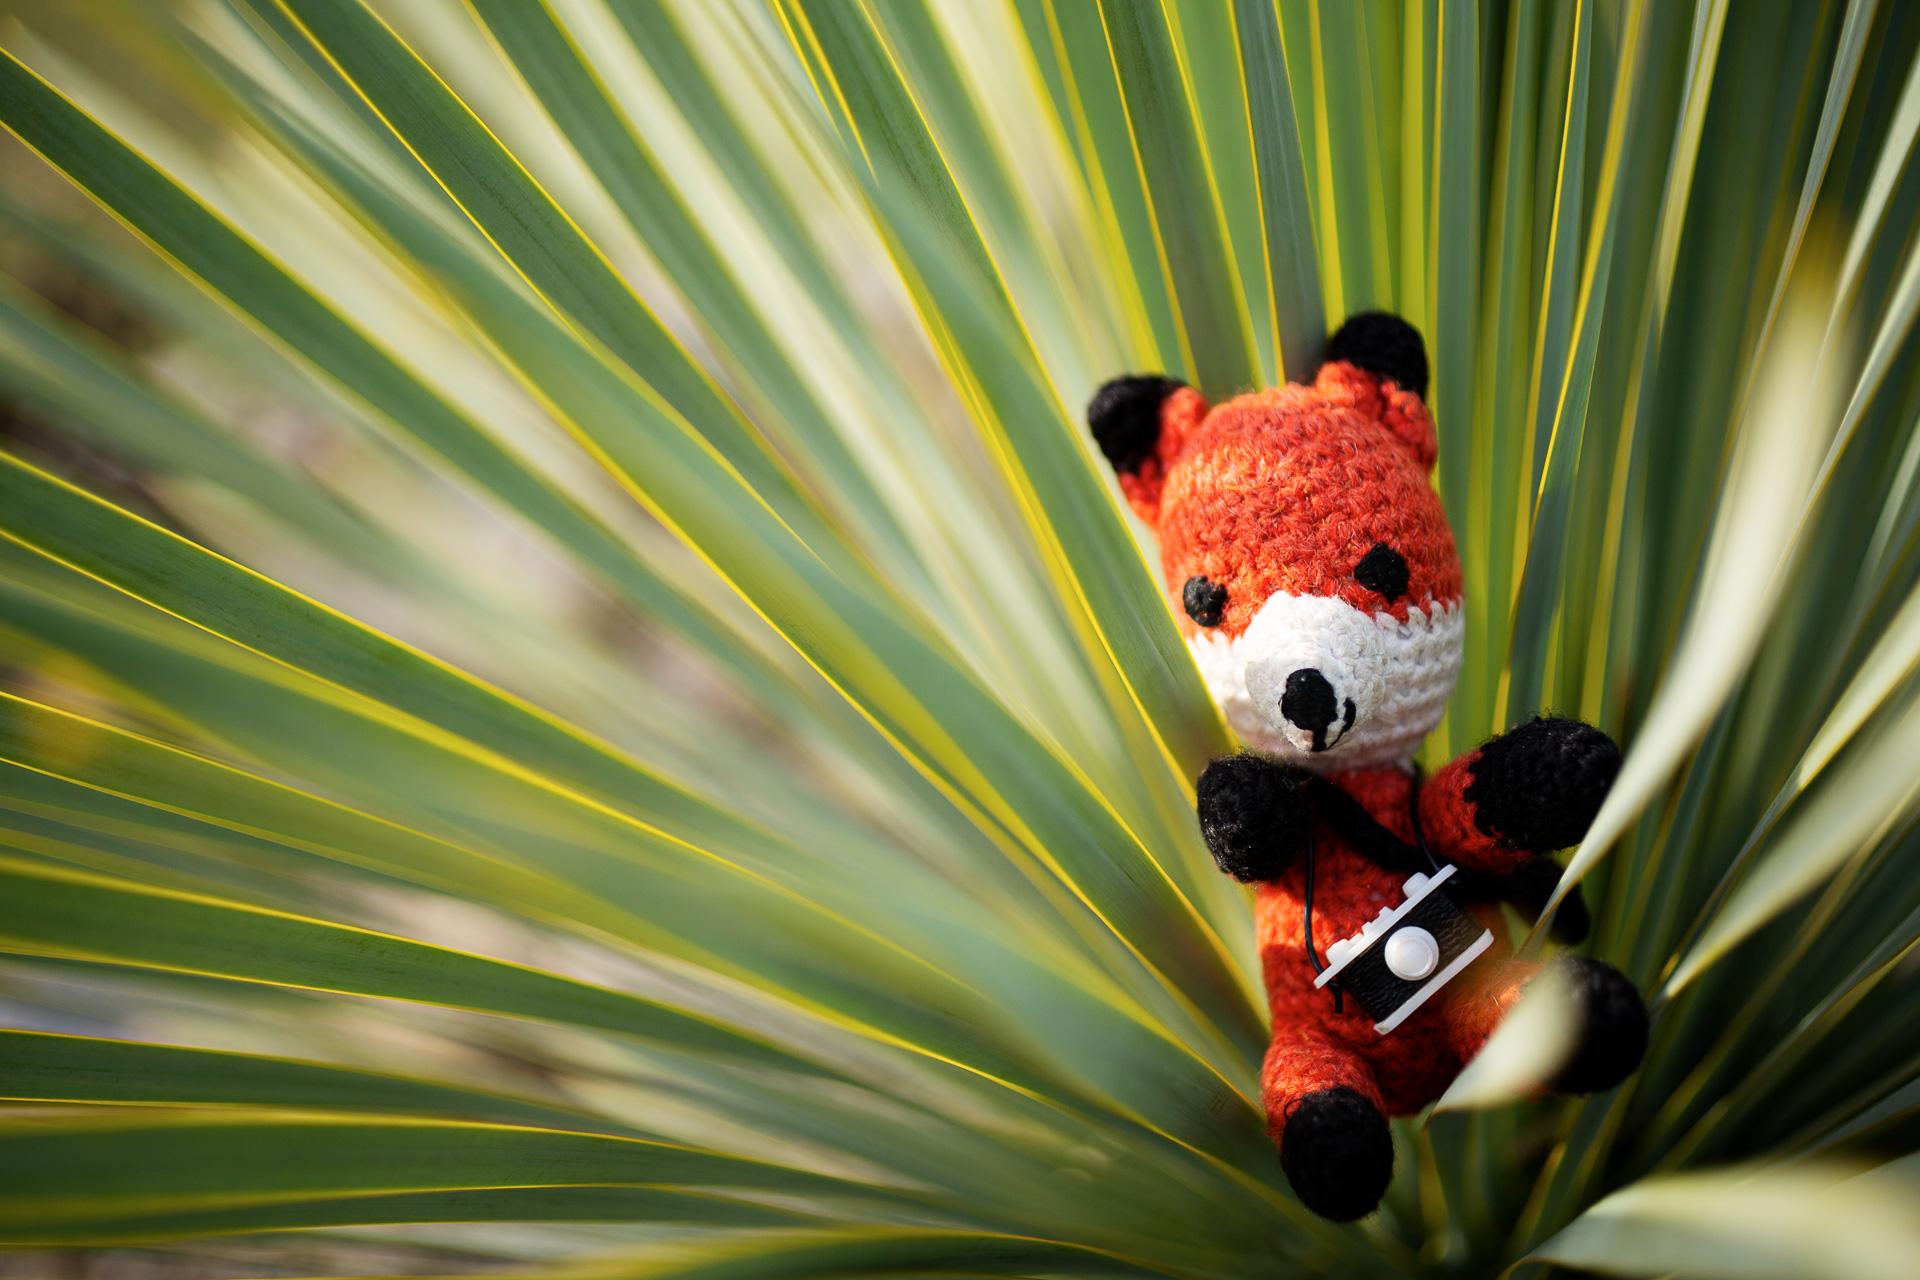 Komm mit uns gemeinsam beim Fotokurs Makro Fotografie im Botanischen Garten Berlin auf Pirsch nach exotischen Motiven. Tipps und Tricks um Pflanzen beeindruckend in Szene zu setzen.